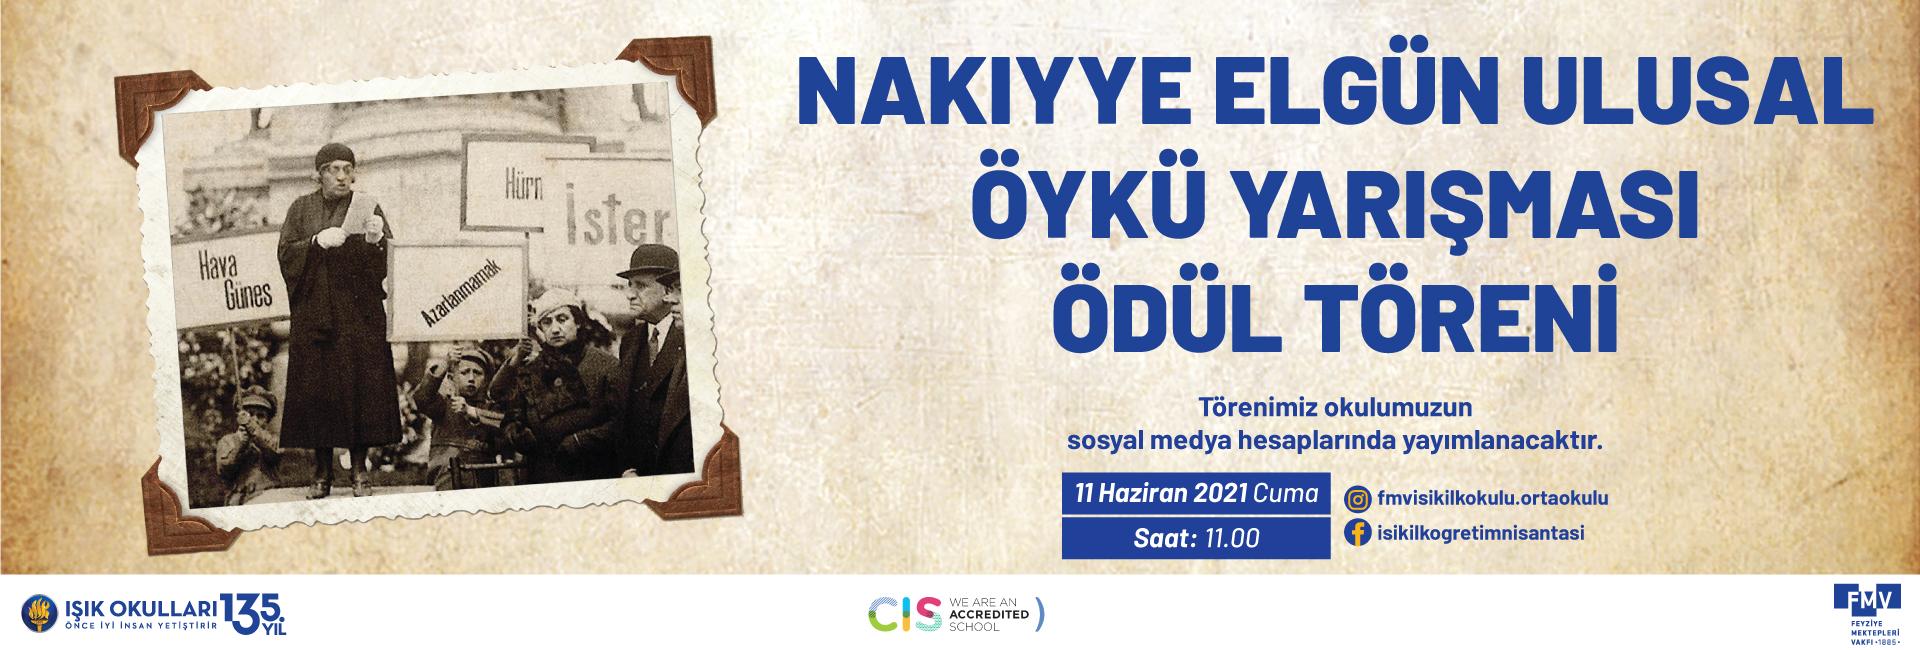 Nakıyye Elgün Ulusal Öykü Yarışması